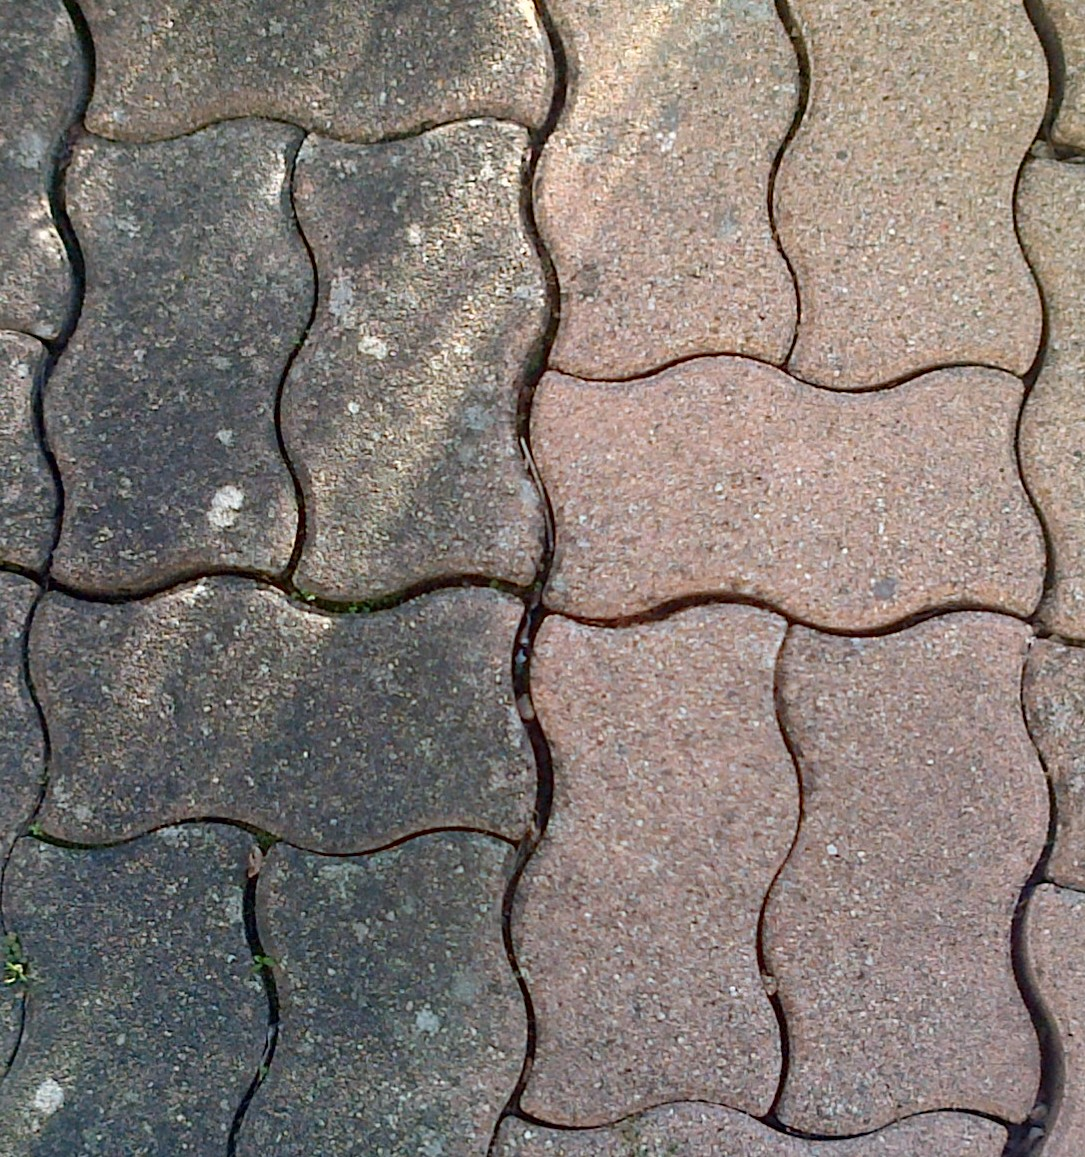 100 entretien terre cuite de bourgogne terre cuite fabricant producteu - Entretien pierre de bourgogne ...